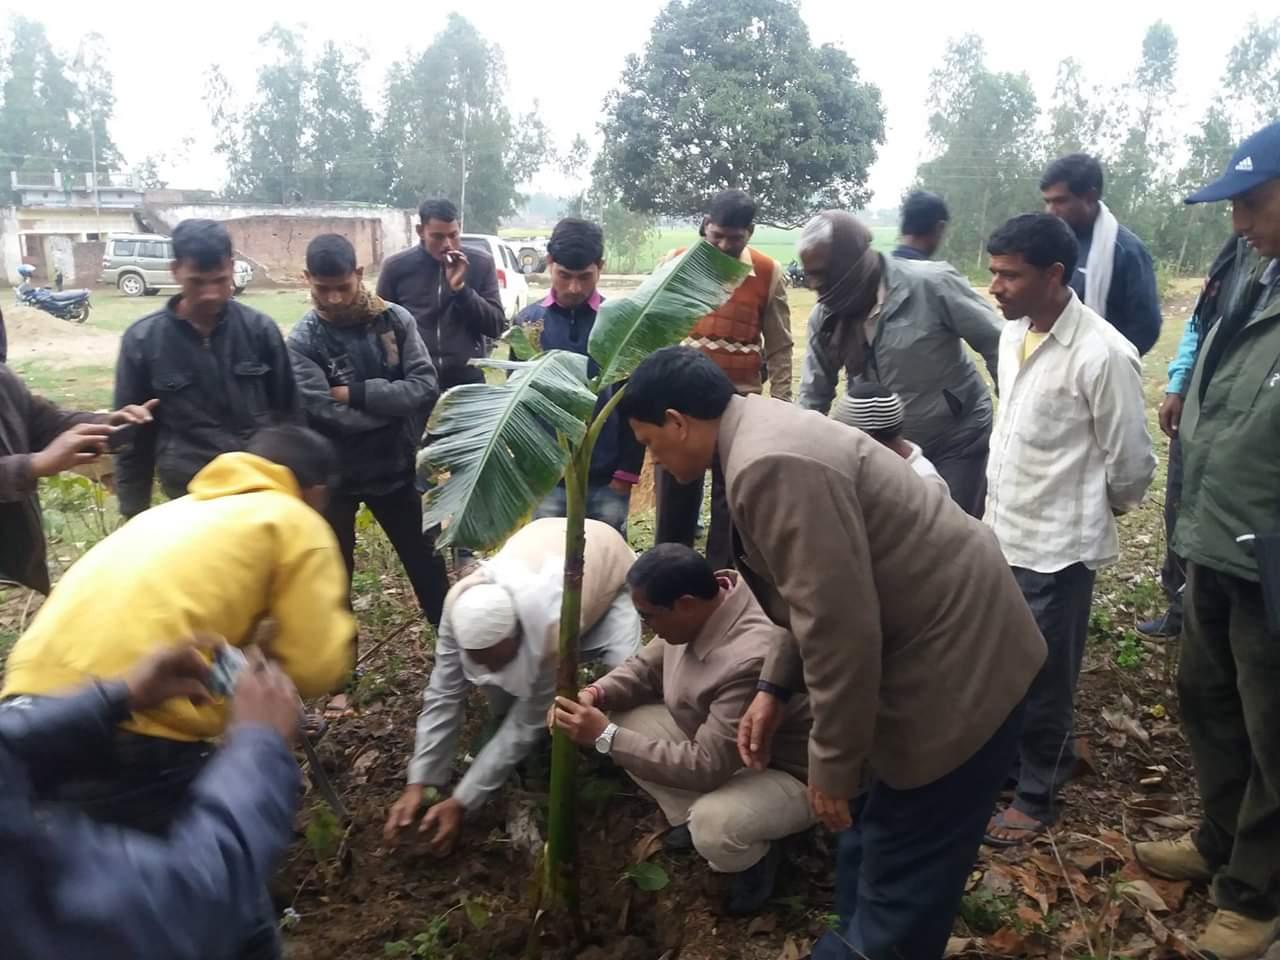 बाँकेको डुडुवाका दुई गाउँमा केराको  बिरुवा रोपी स्मार्ट कृषि गाउँ घोषणा